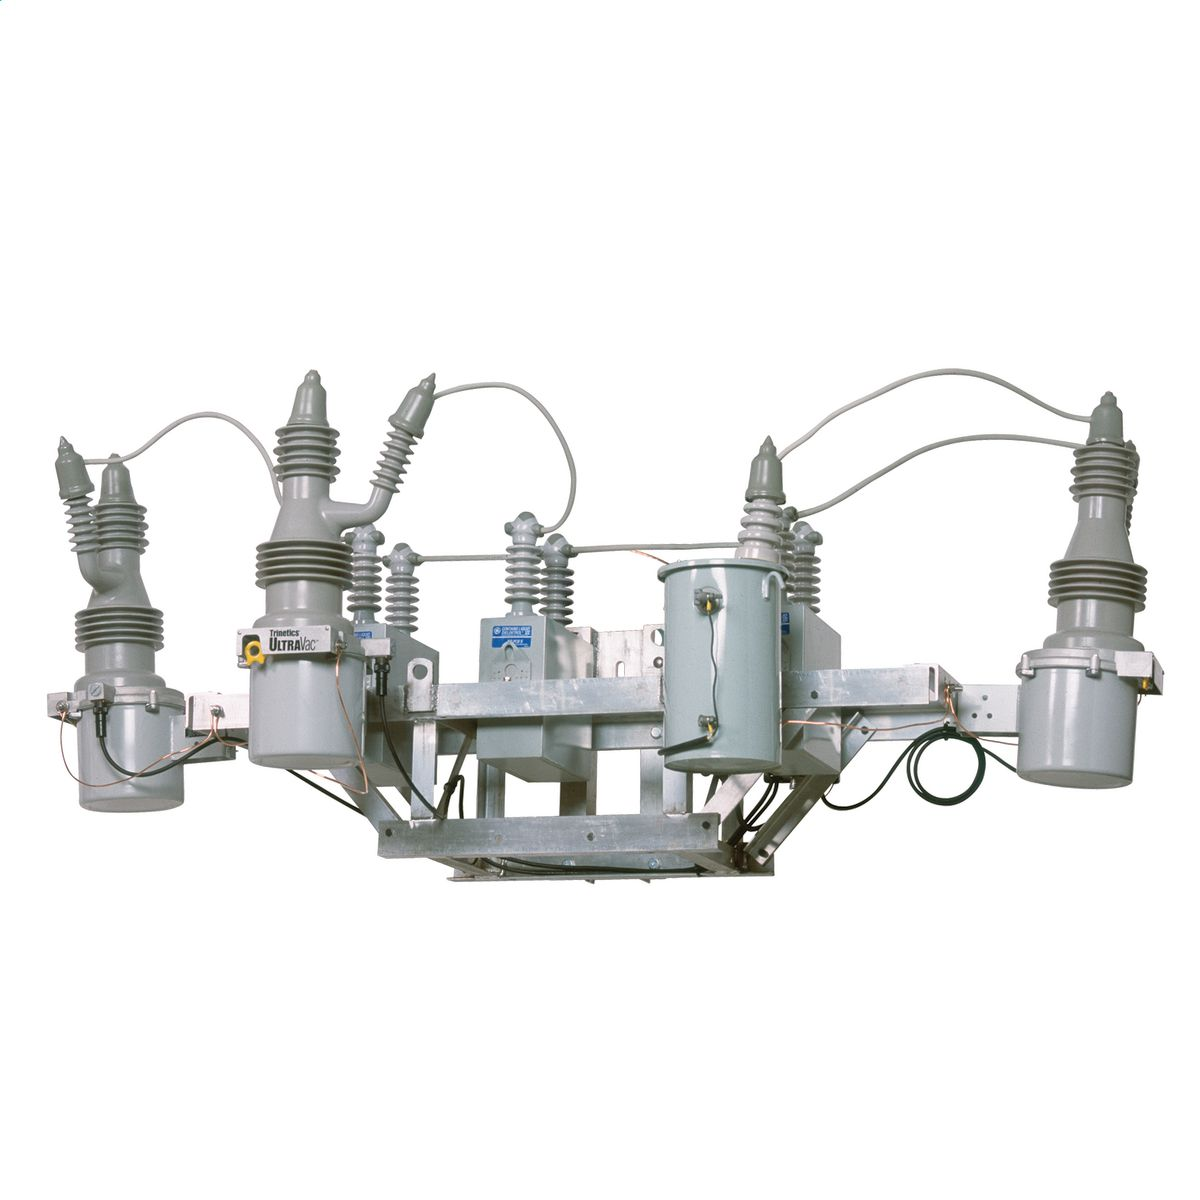 15kv 25kv 35kv Medium Voltage Shunt Capacitors Hubbell Power Systems